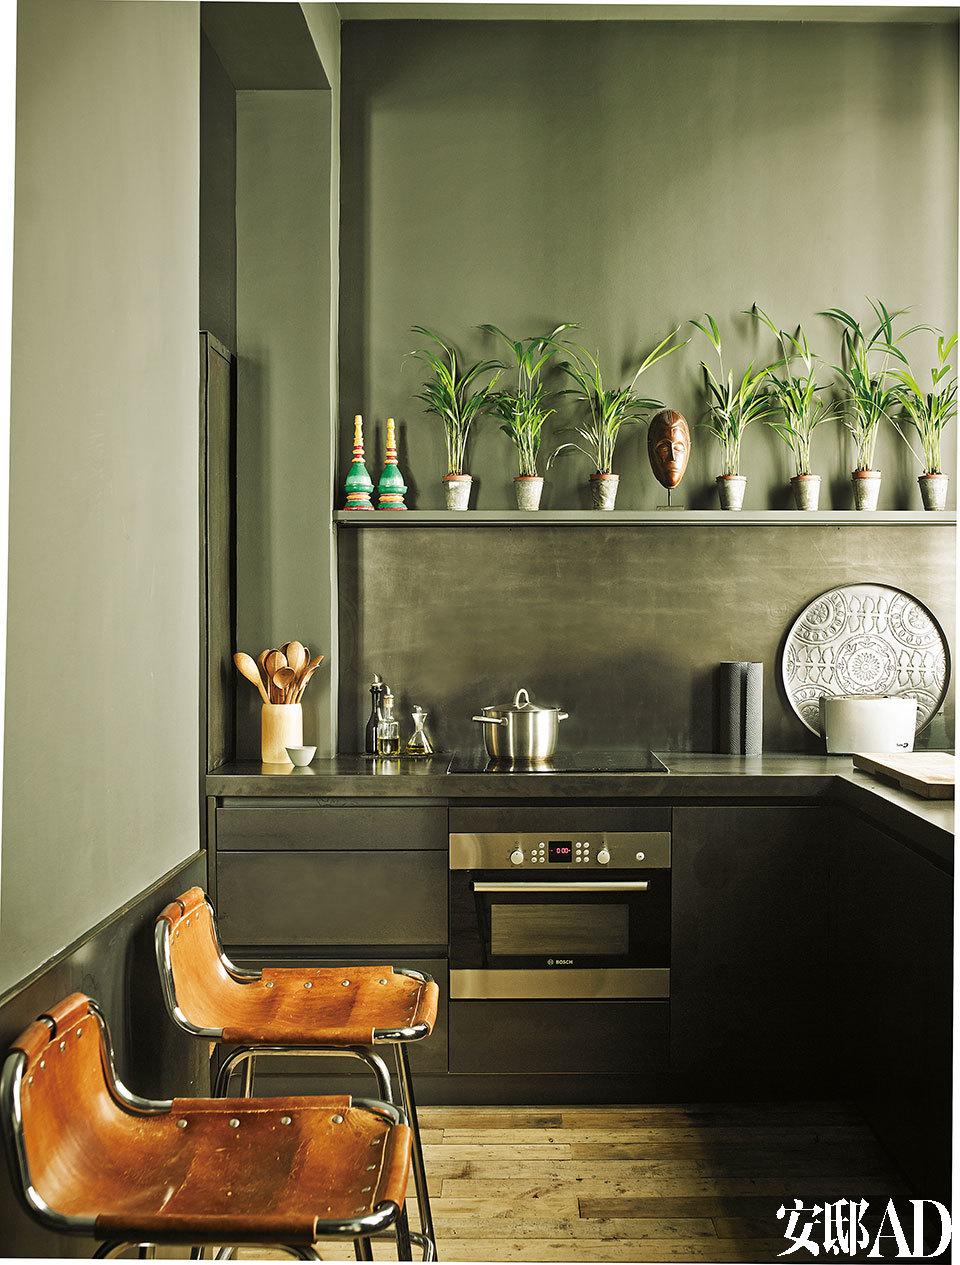 厨房由Jaime Lacasa自行设计,全部采用铁为设计元素。Siemens灶具面板,Bosch烤箱,一对Les Arcs高脚椅出自Charlotte Perriand之手,来自蓬皮杜(Pompidou)博物馆。世代传承下来的餐具,博物馆级别的古董椅子,处处细节都让这栋住宅显得身价不凡。